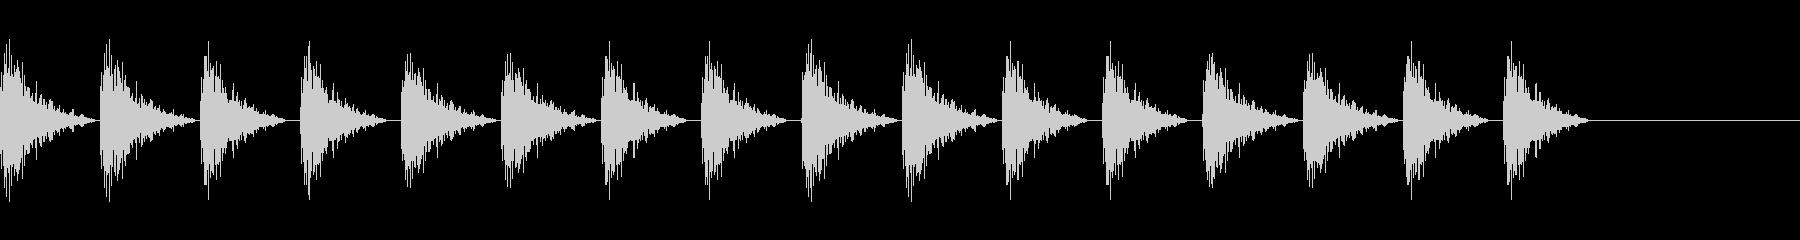 どんどん(巨人、速歩き)A20の未再生の波形